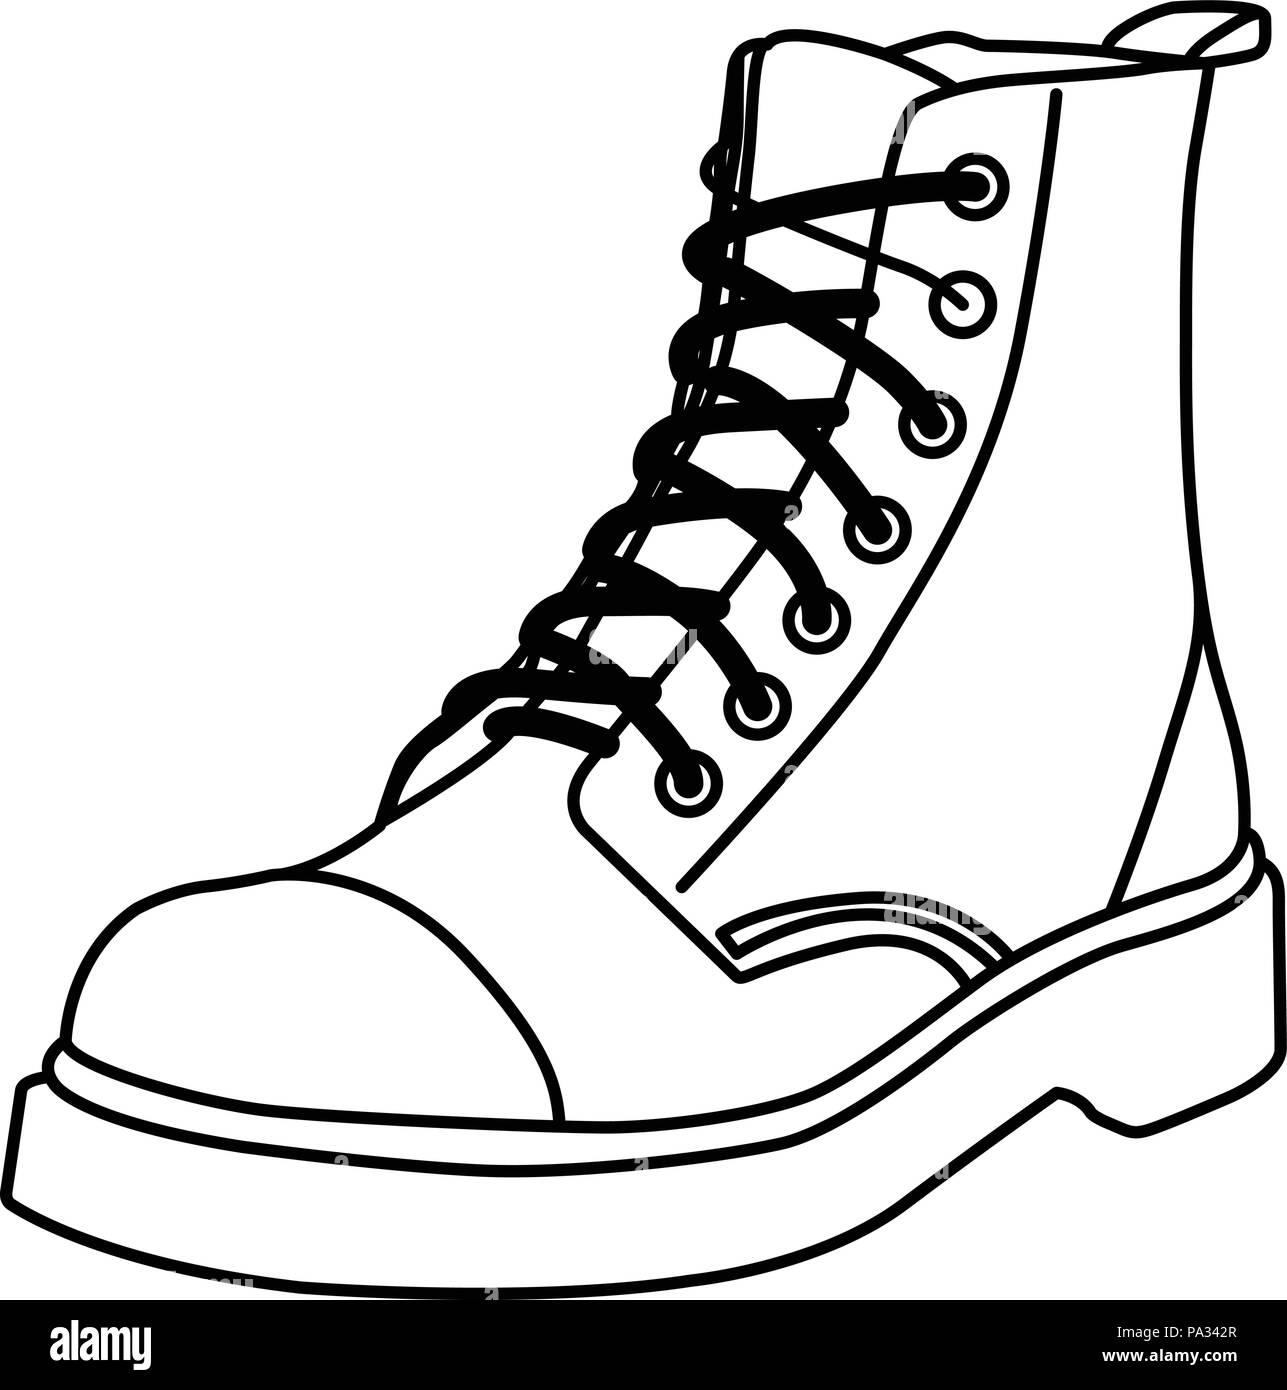 Shoe Repair Store Broken Arrow